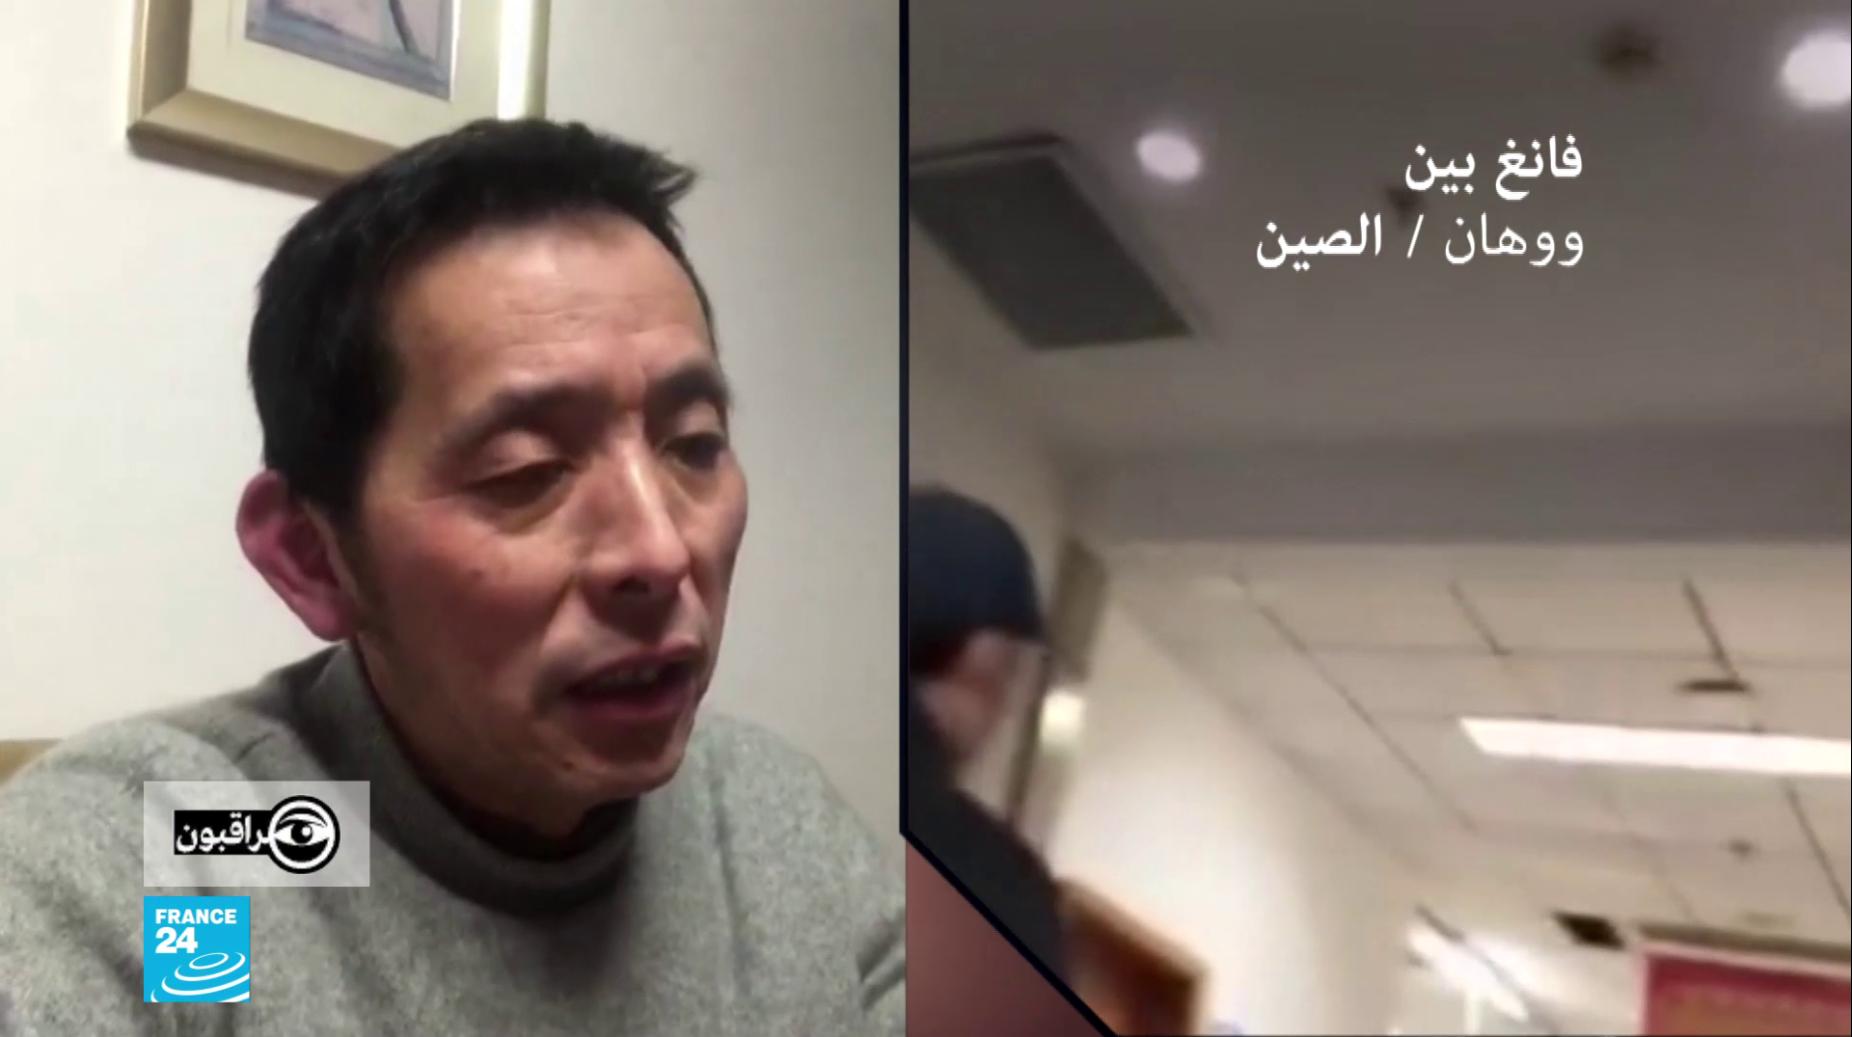 فانغبين لديه قناة يوتيوب ينشر عليها فيديوهات تصور مستشفيات مكتظة بالناس في ووهان.